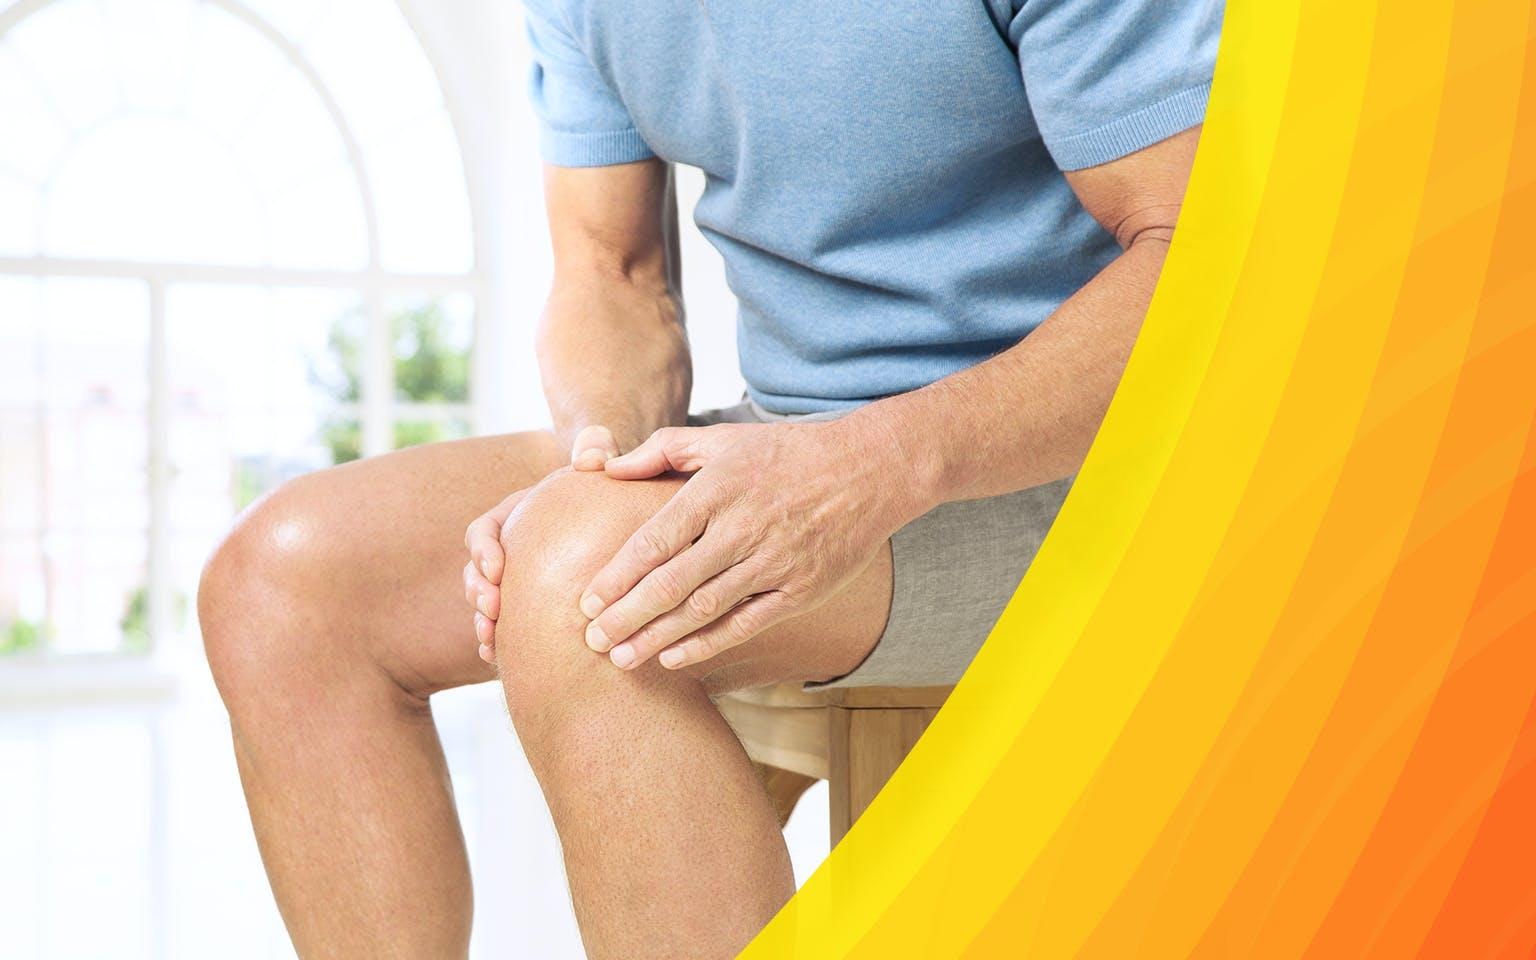 stiprus skausmas alkūnės sąnario gydymas dugootroschatyh artrito formų sąnarių c3-c7